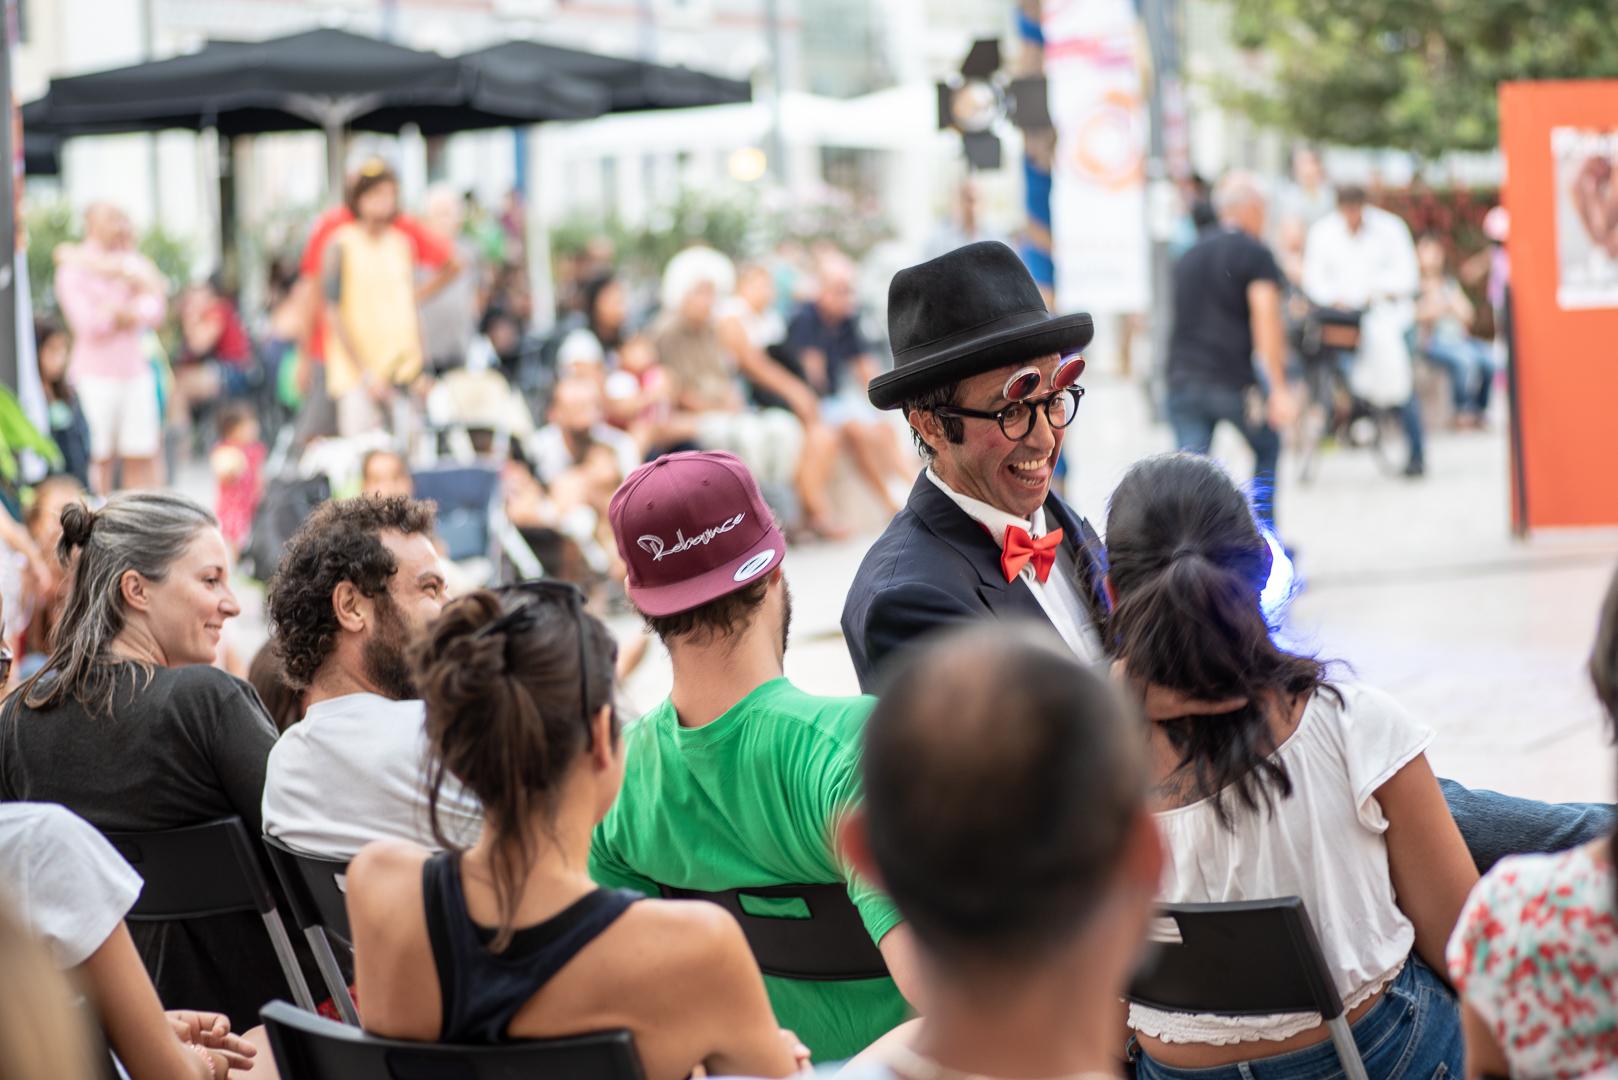 Pessoas sentadas em cadeiras de costas para o observador que interagem com um homem que sorri, com a língua de fora, de lado para o observador, com um chapéu preto, óculos e um laço vermelho